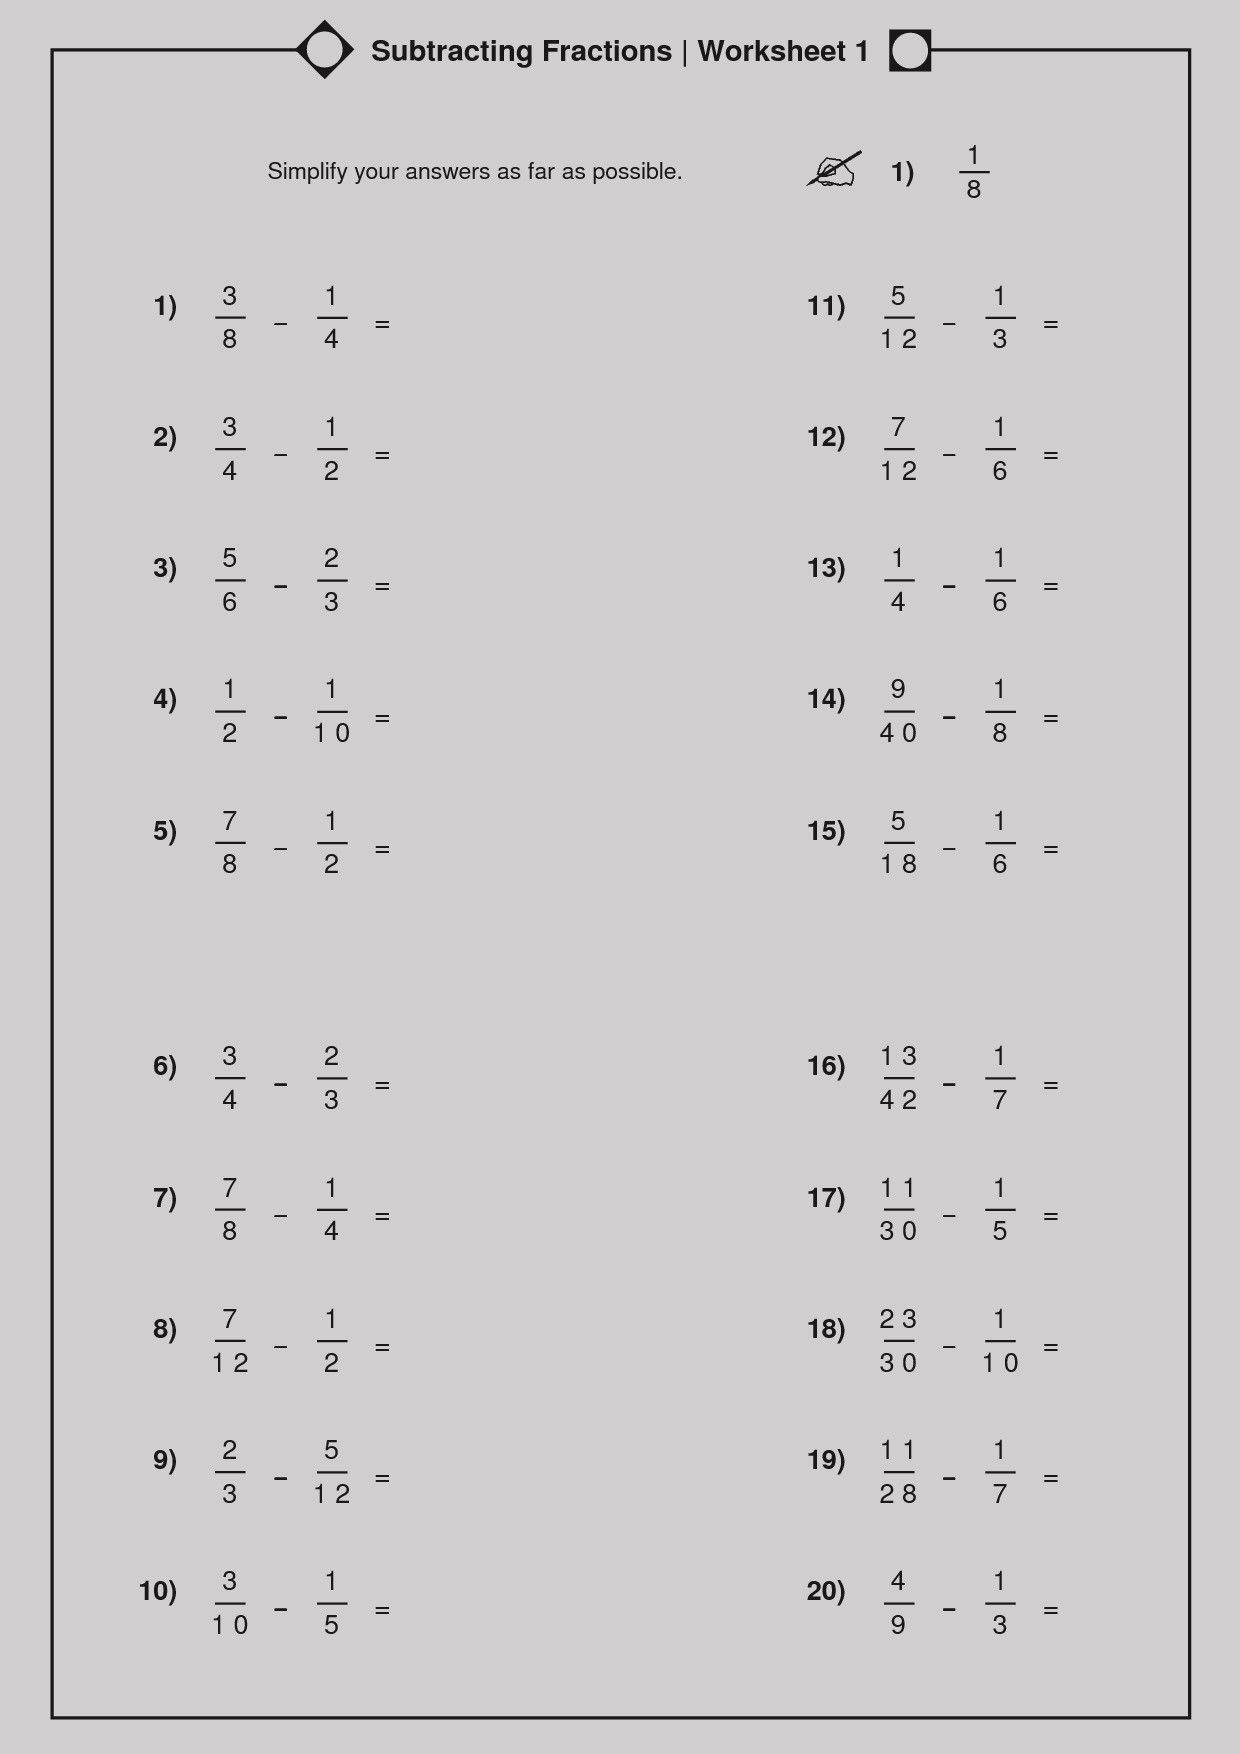 Converting Improper Fractions Worksheet Google Search Fractions Worksheets Math Worksheet Fractions